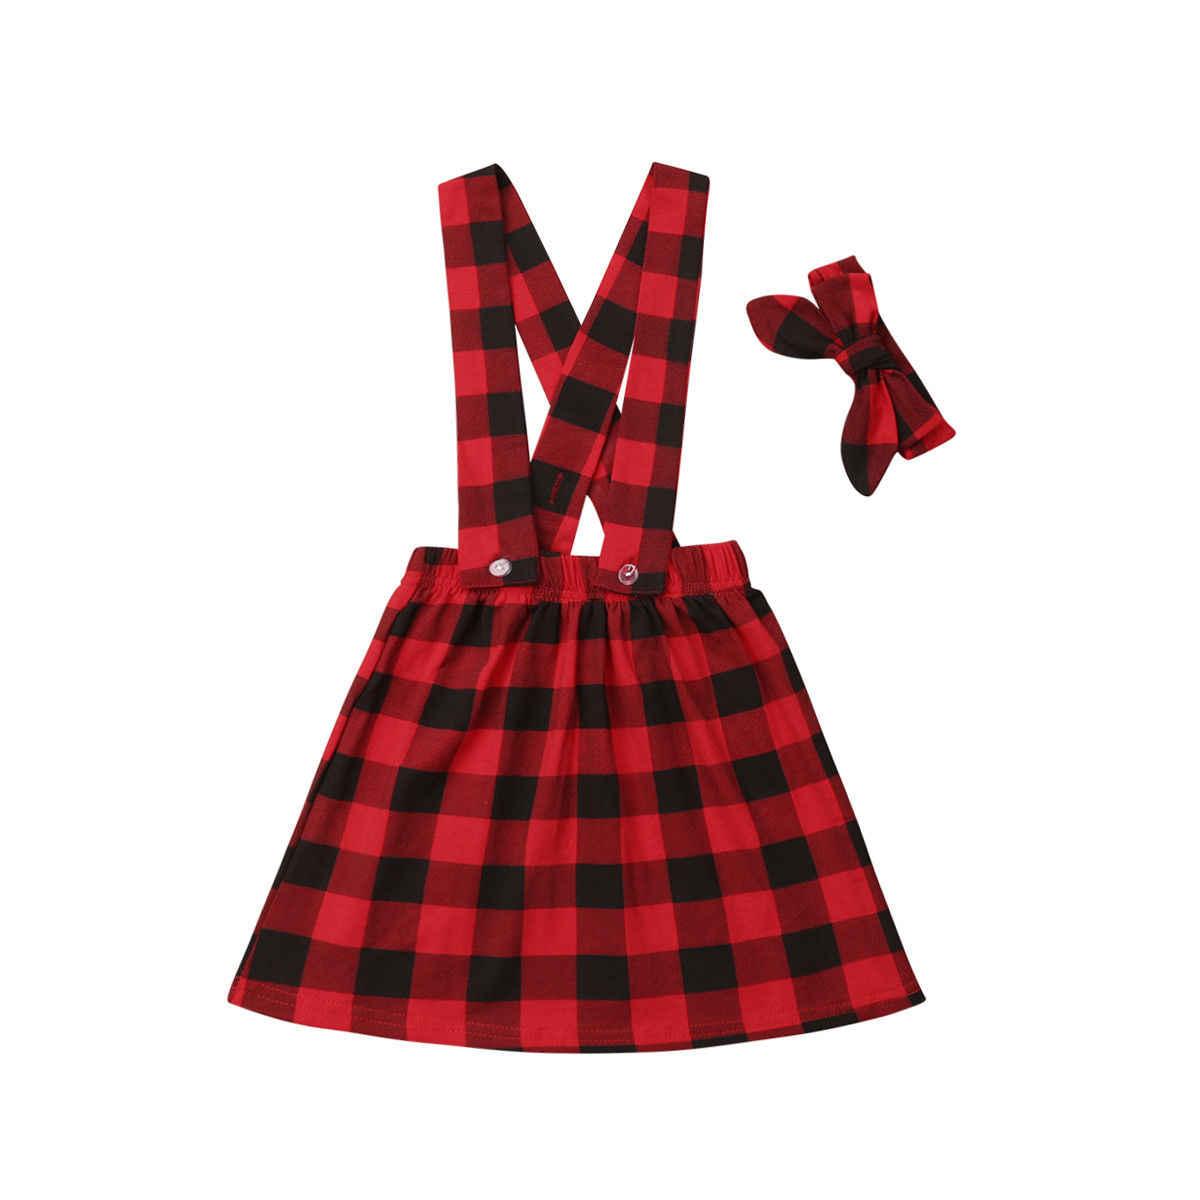 Bebé niños bebé chica tirantes falda + diadema mono más casuales de moda traje de algodón Plaid rojo de Navidad ropa